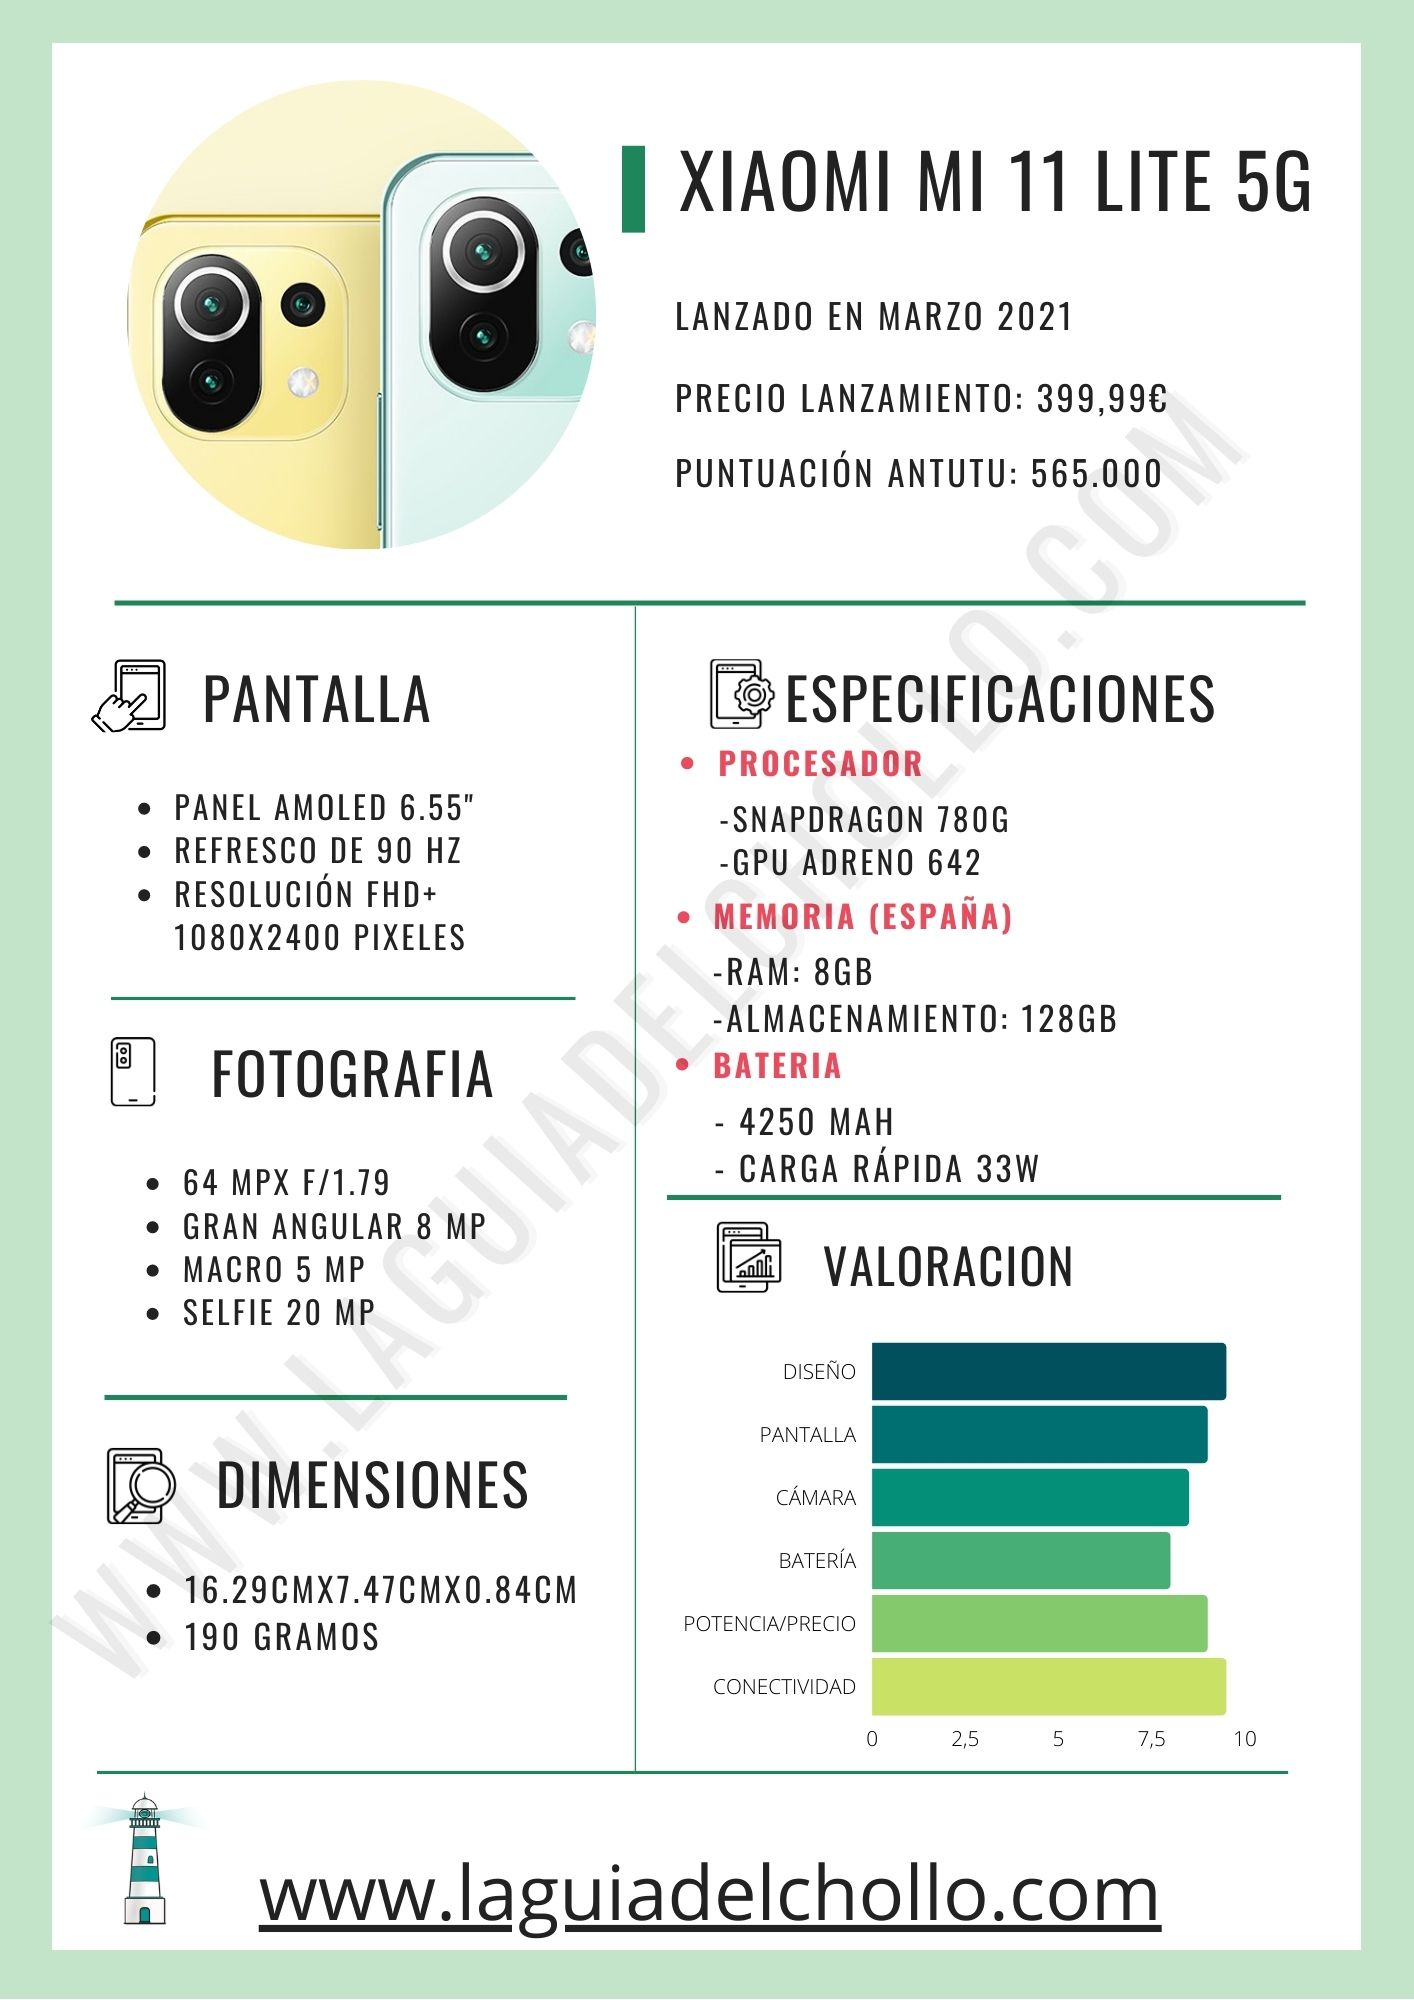 Especificaciones del Xiaomi Mi 11 Lite 5G